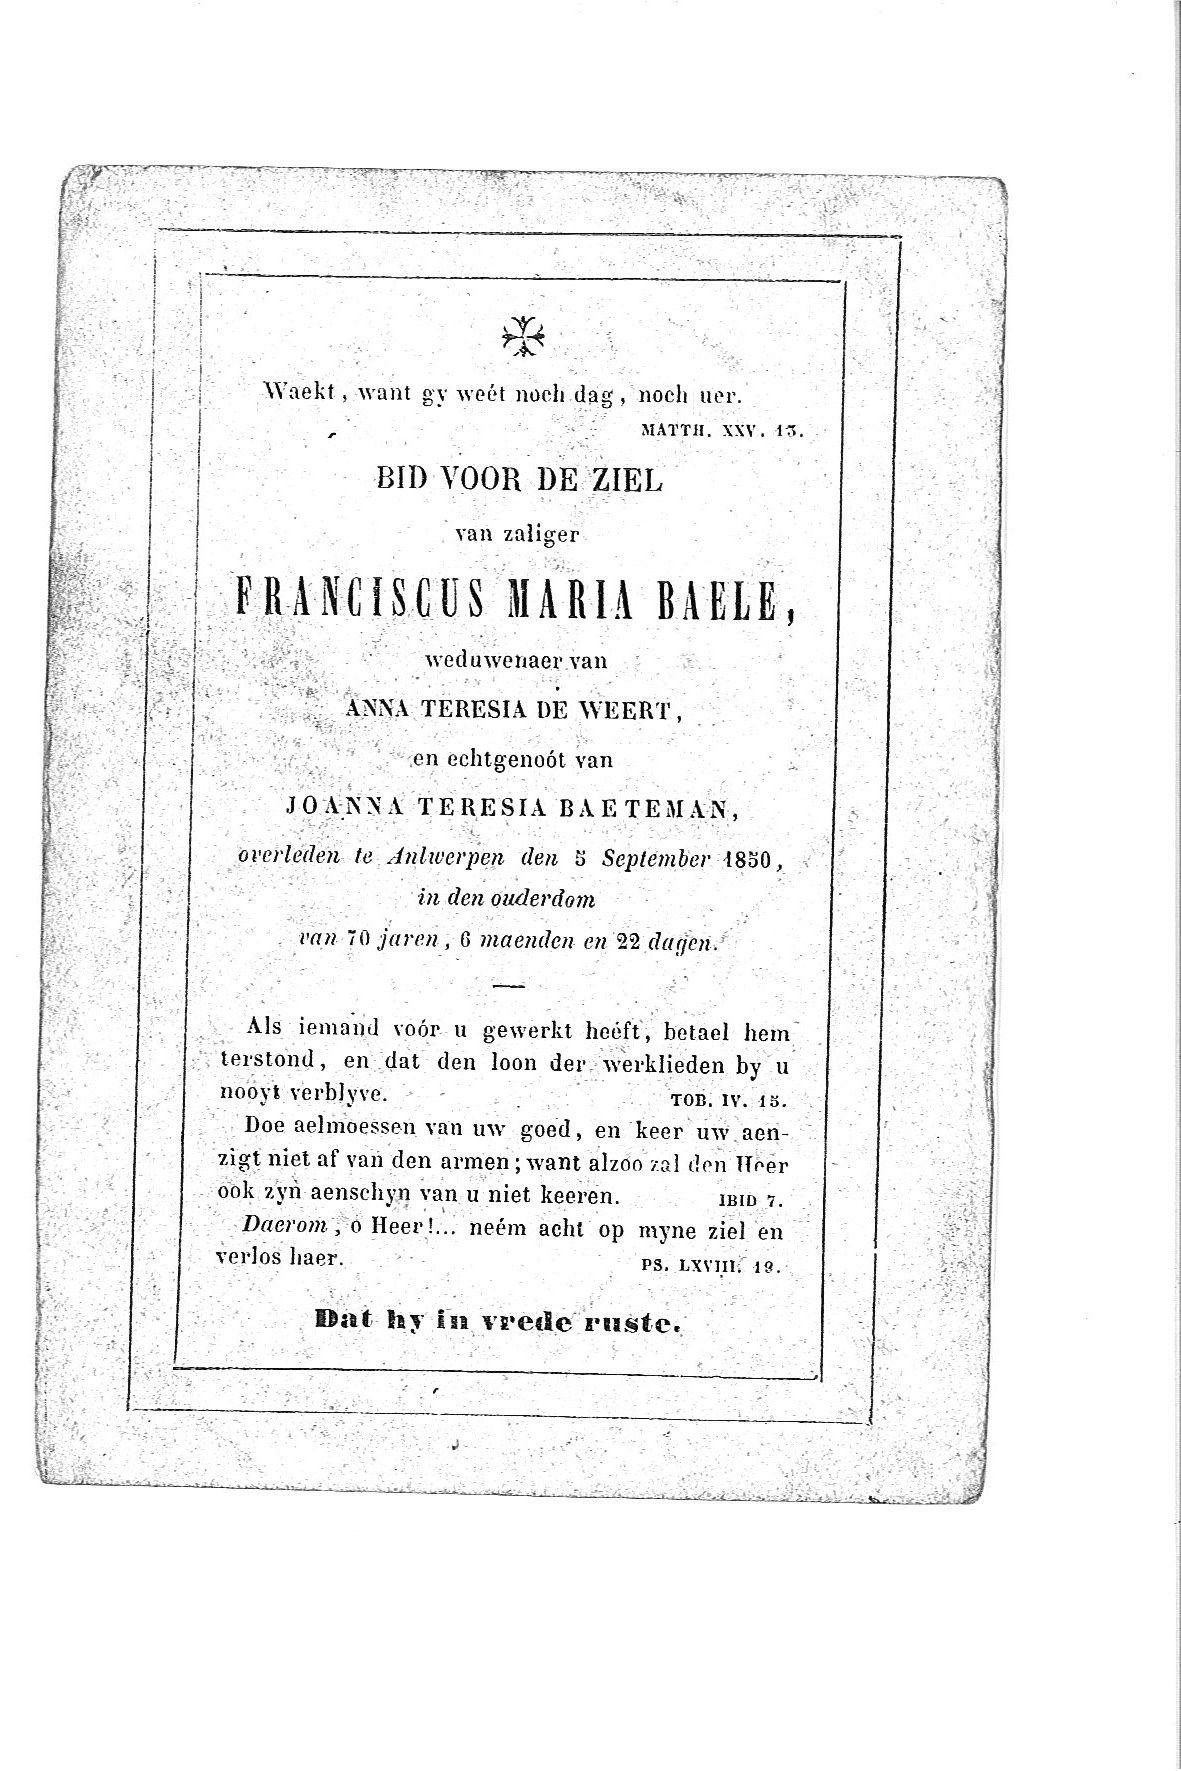 franciscus-maria(1851)20090112163911_00001.jpg